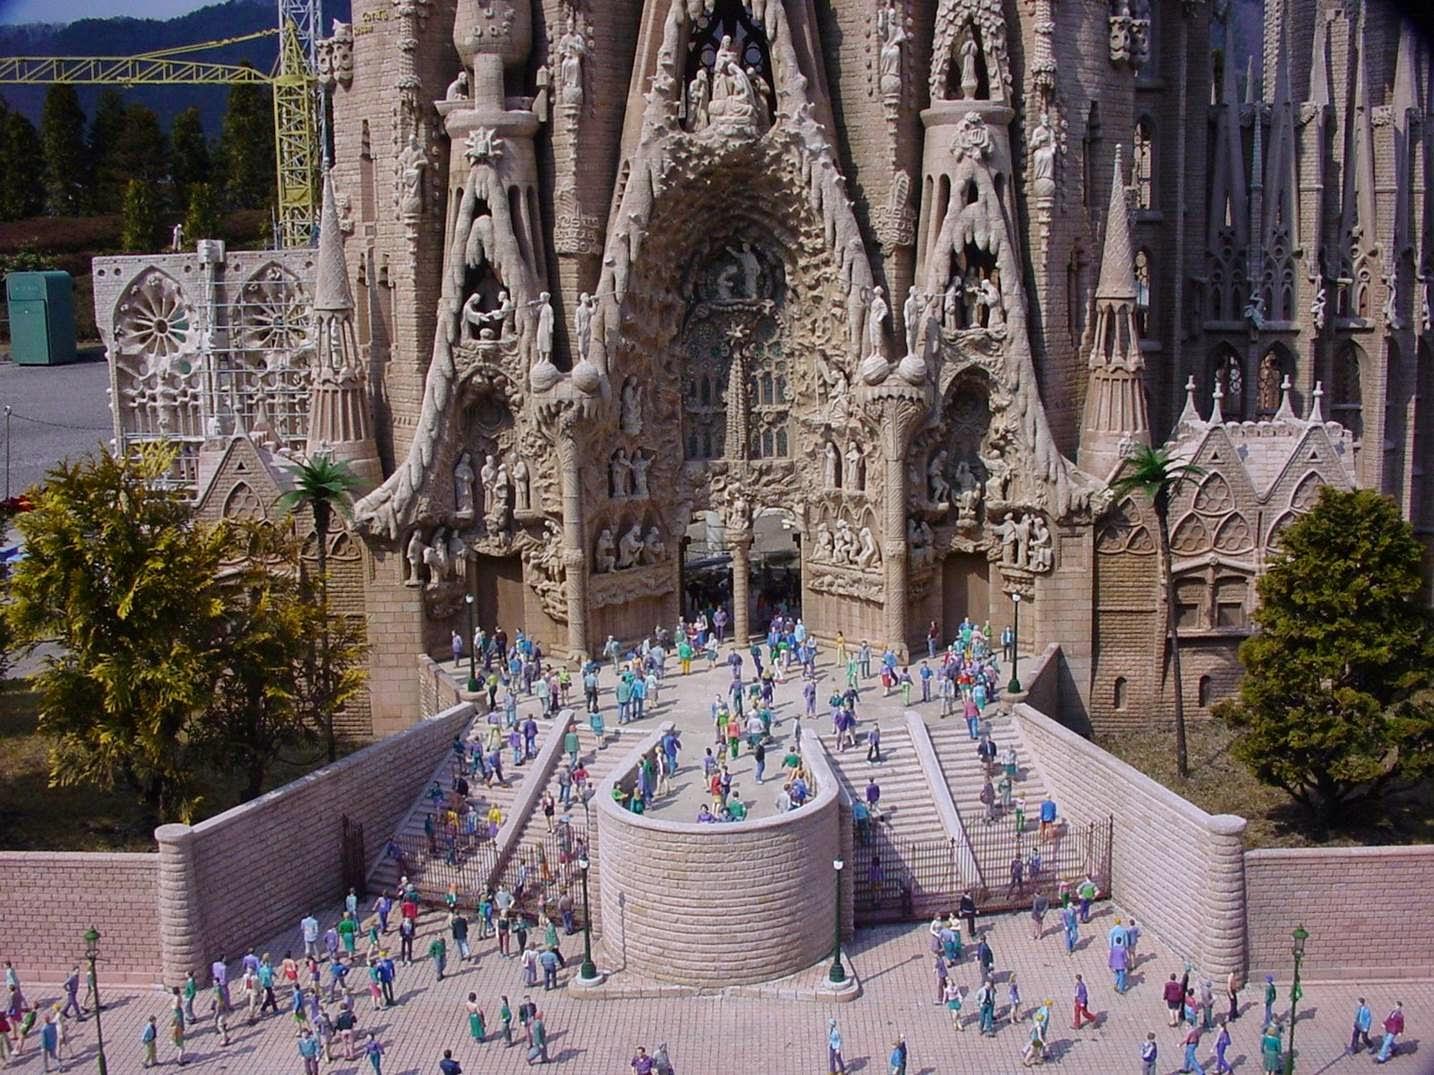 Una Maravilla del Mundo: La Sagrada Familia de Gaudí en Barcelona